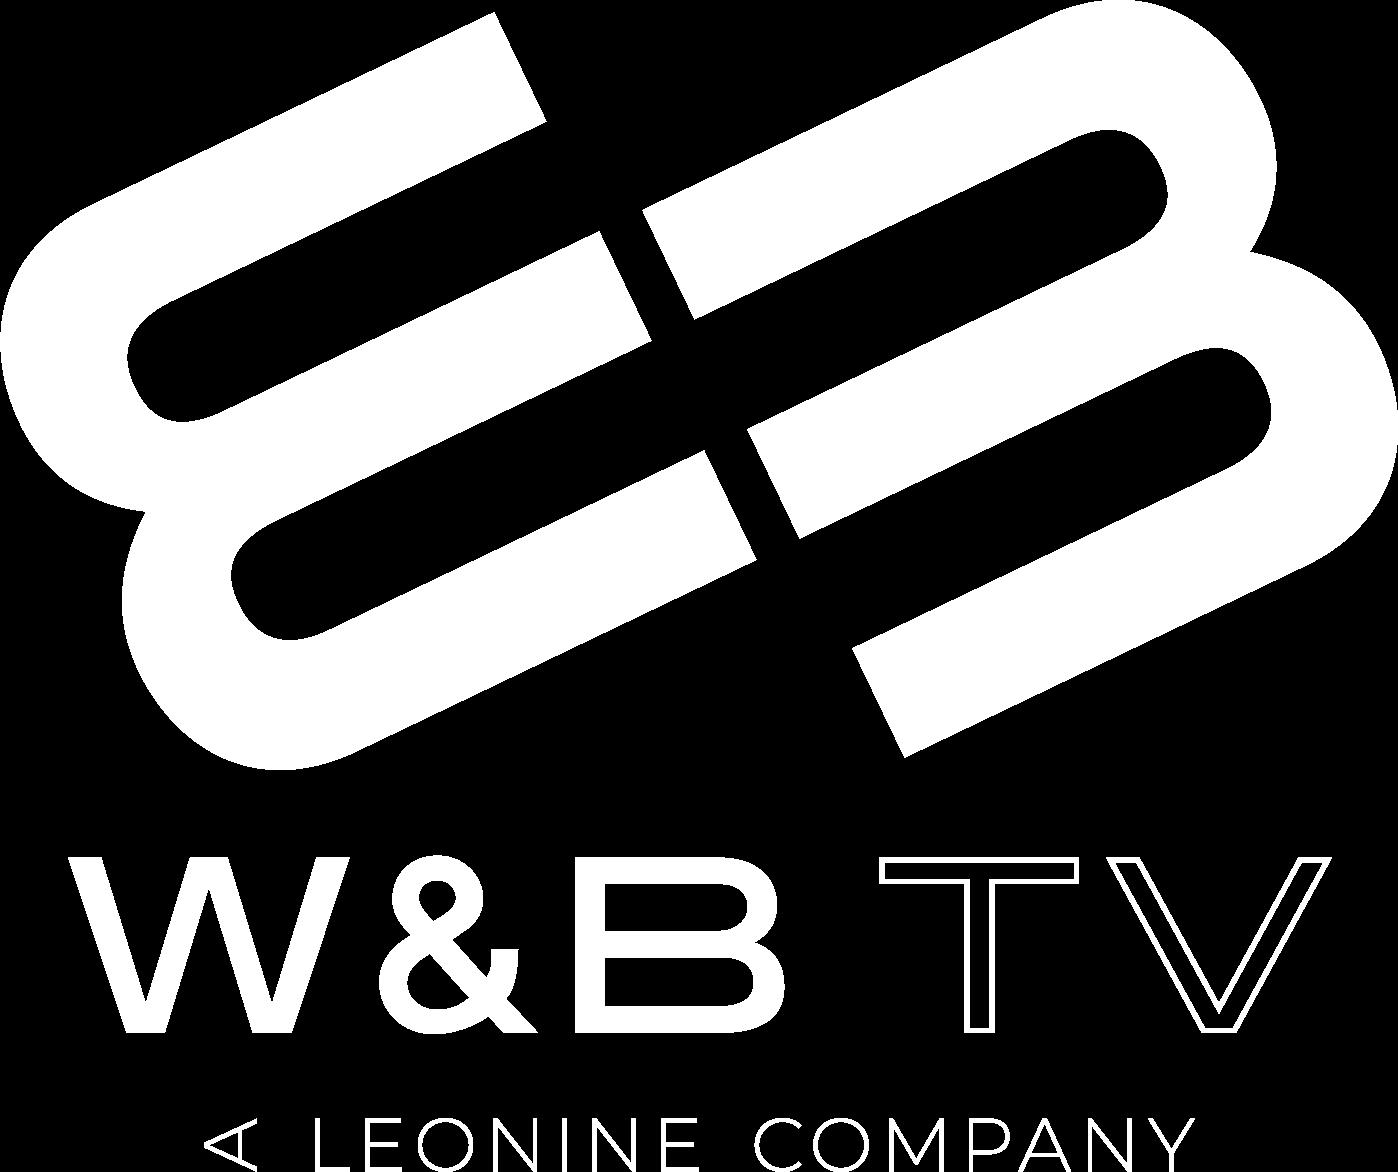 Wiedemann & Berg Television